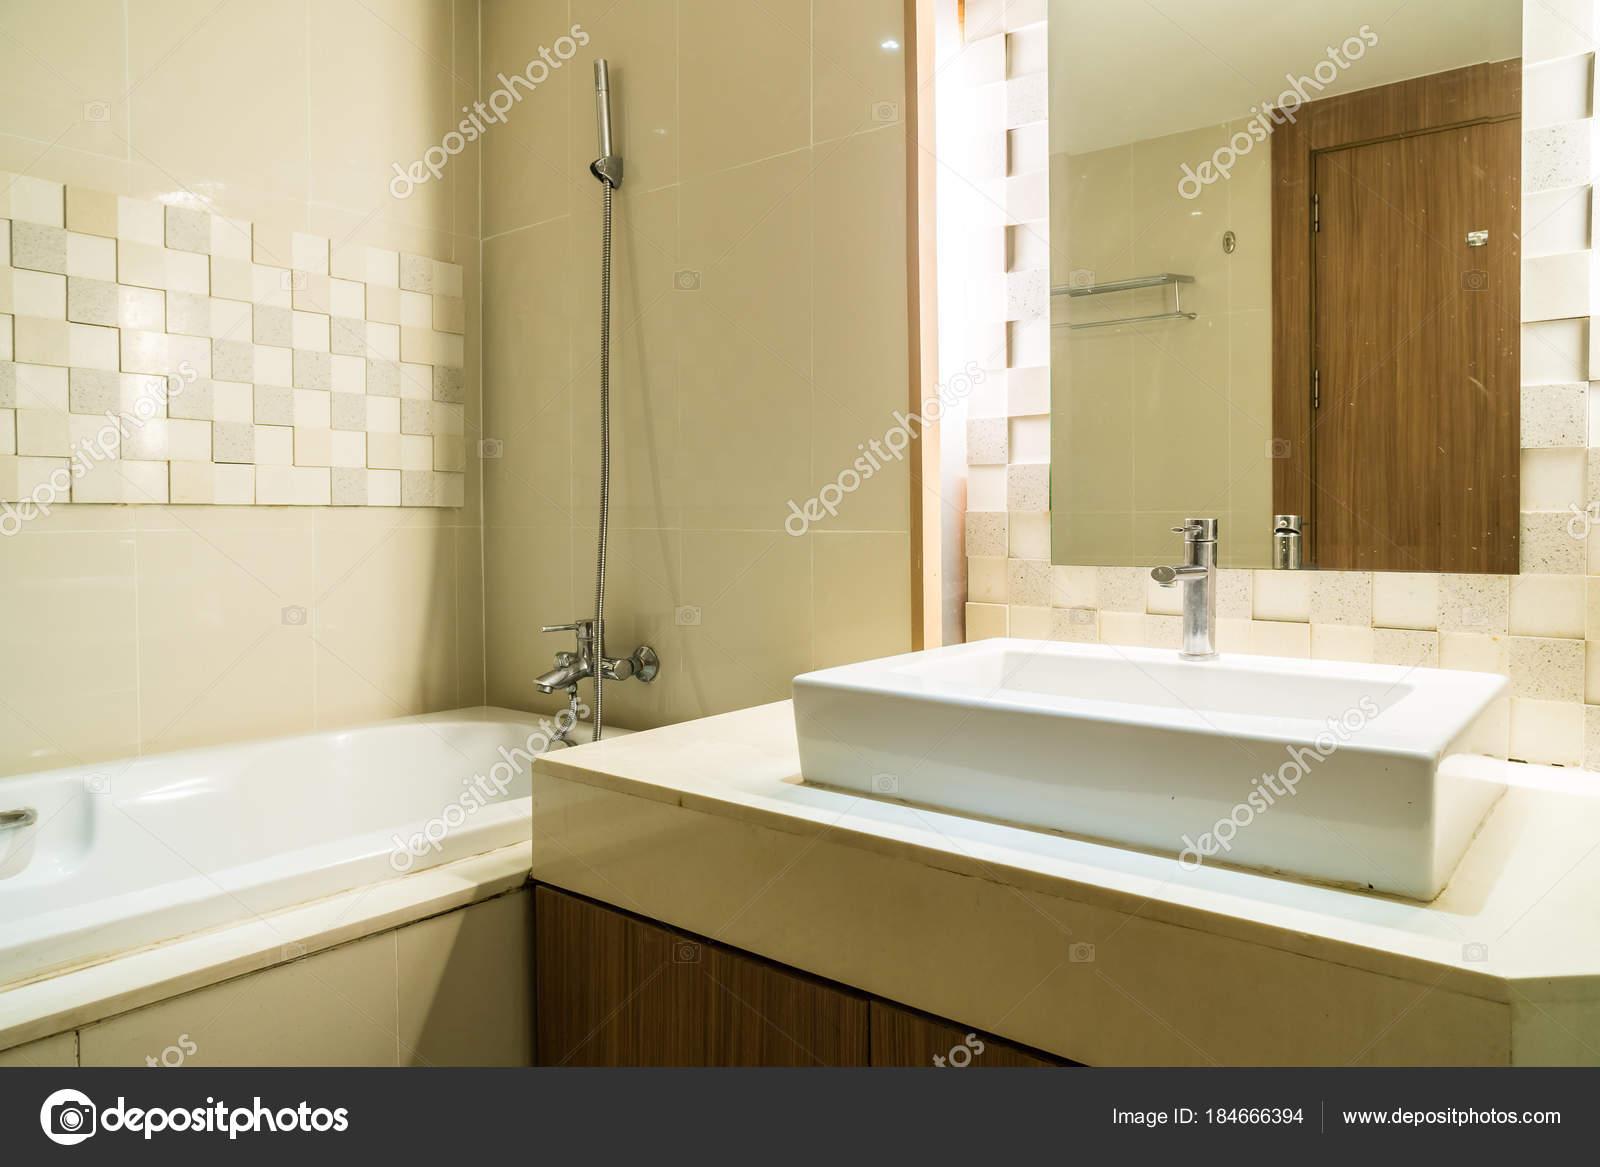 Vasca Da Bagno E Lavandino : Decorazione bianca di lavello e rubinetto e vasca in bagno u2014 foto